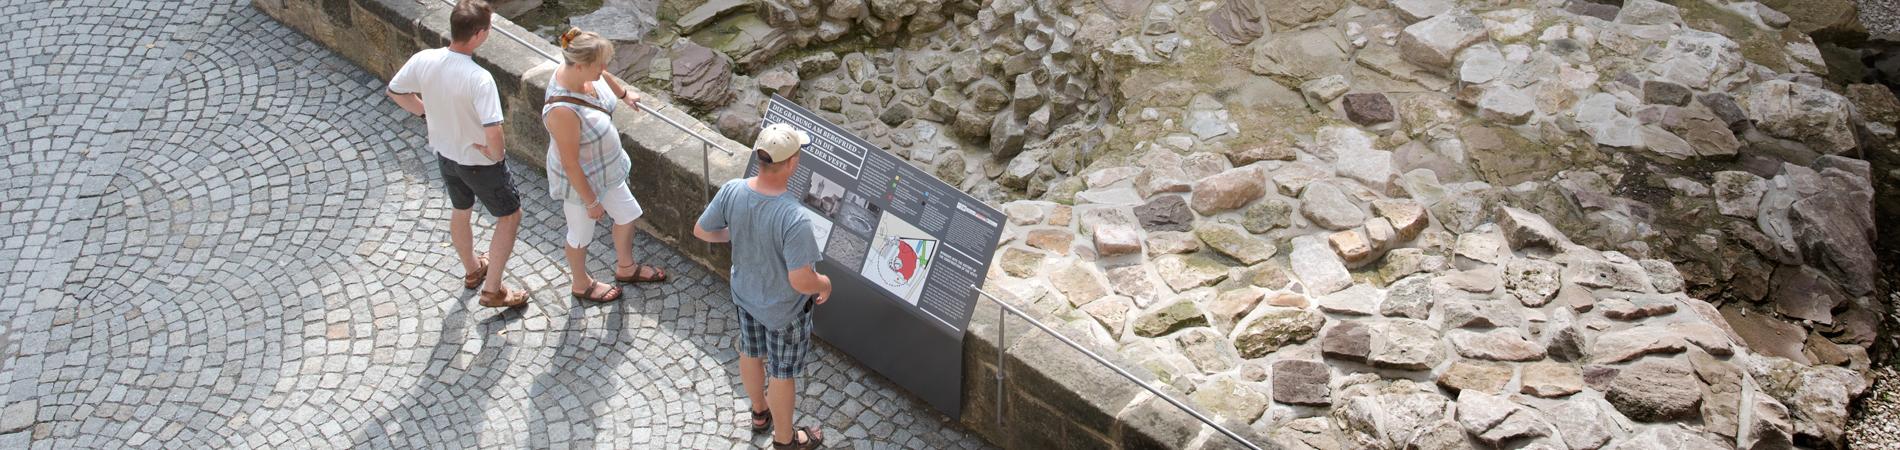 Blick in den Ausgrabungsbereich mit den Fundamenten des Bergfriedes